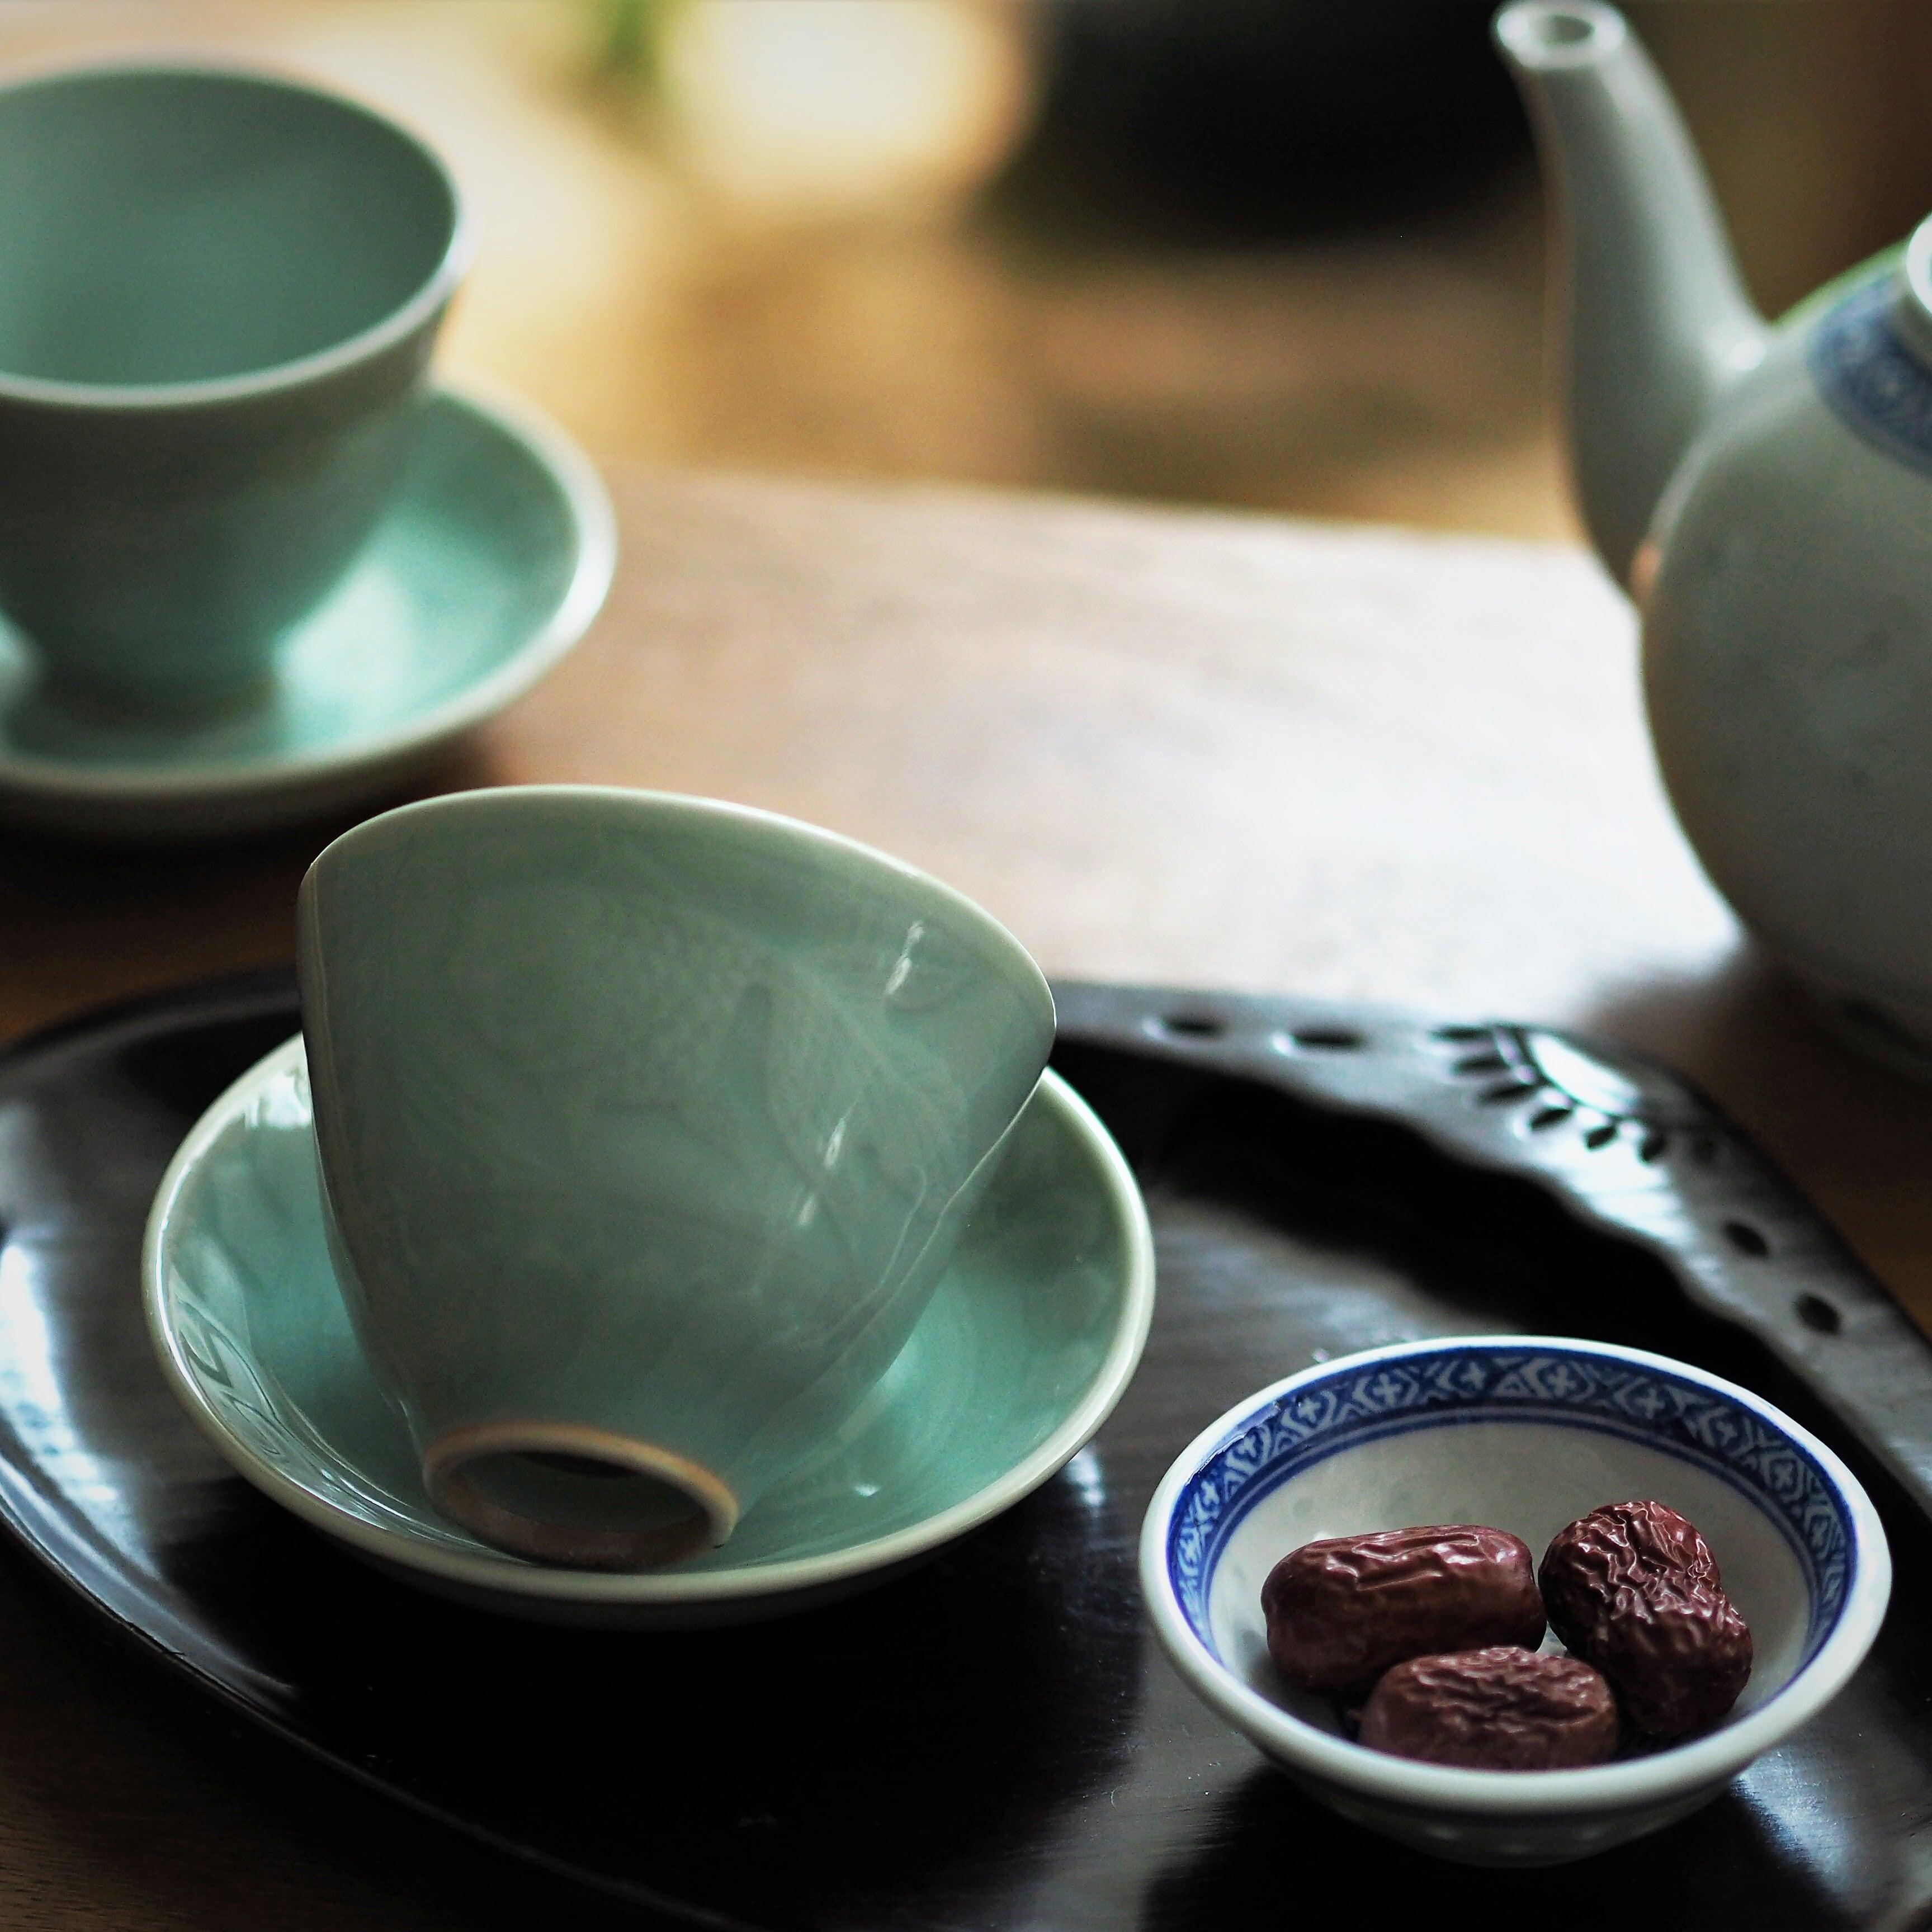 『青磁の茶杯』景徳鎮